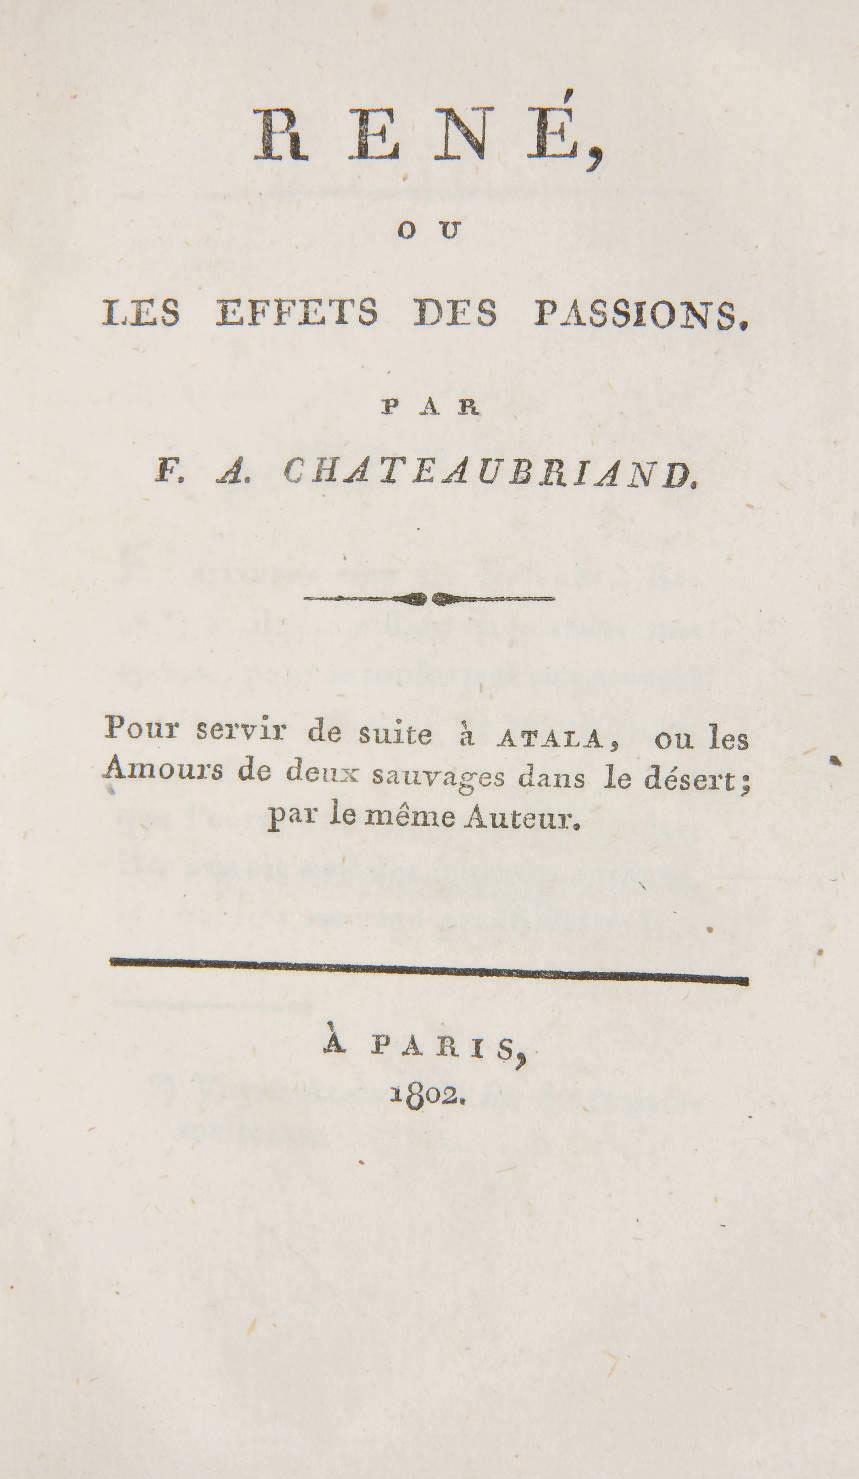 CHATEAUBRIAND, François René, vicomte de (1768-1848). René, ou Les Effets des passions. Paris: s.n., 1802.